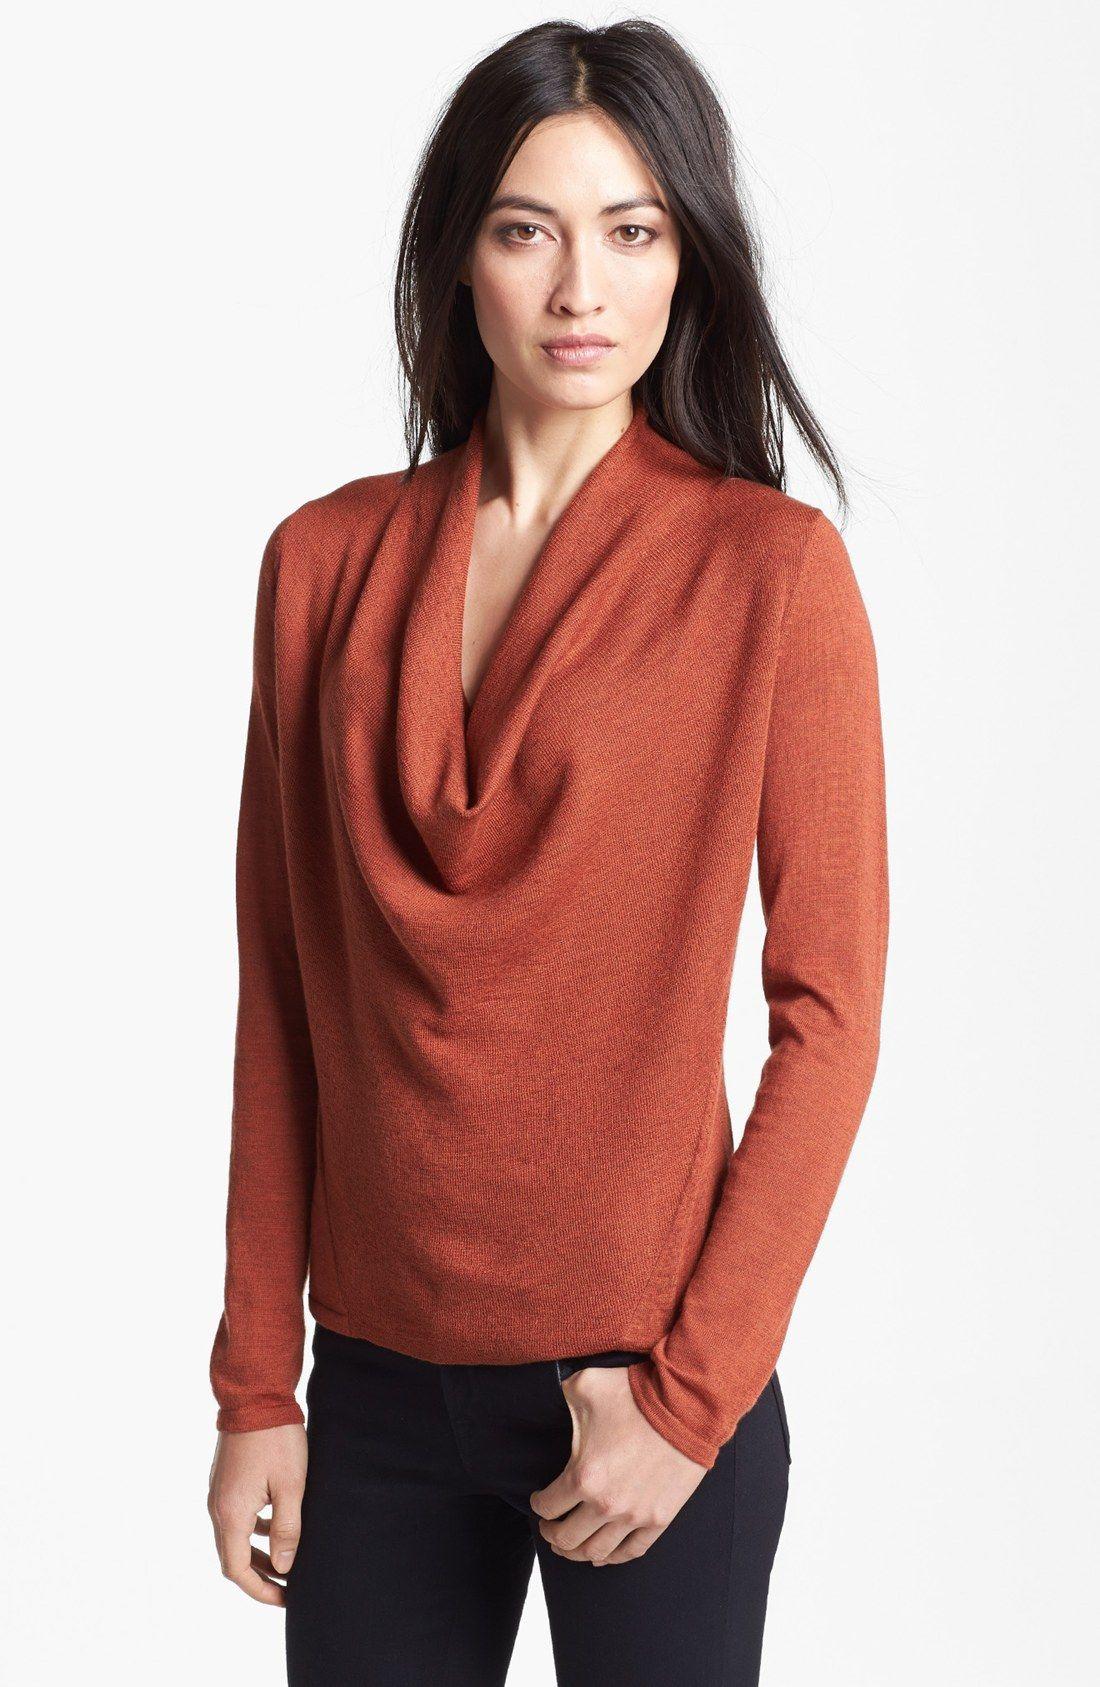 e68878ab0429e ... Cowl Neck Ultrafine Merino Wool Sweater